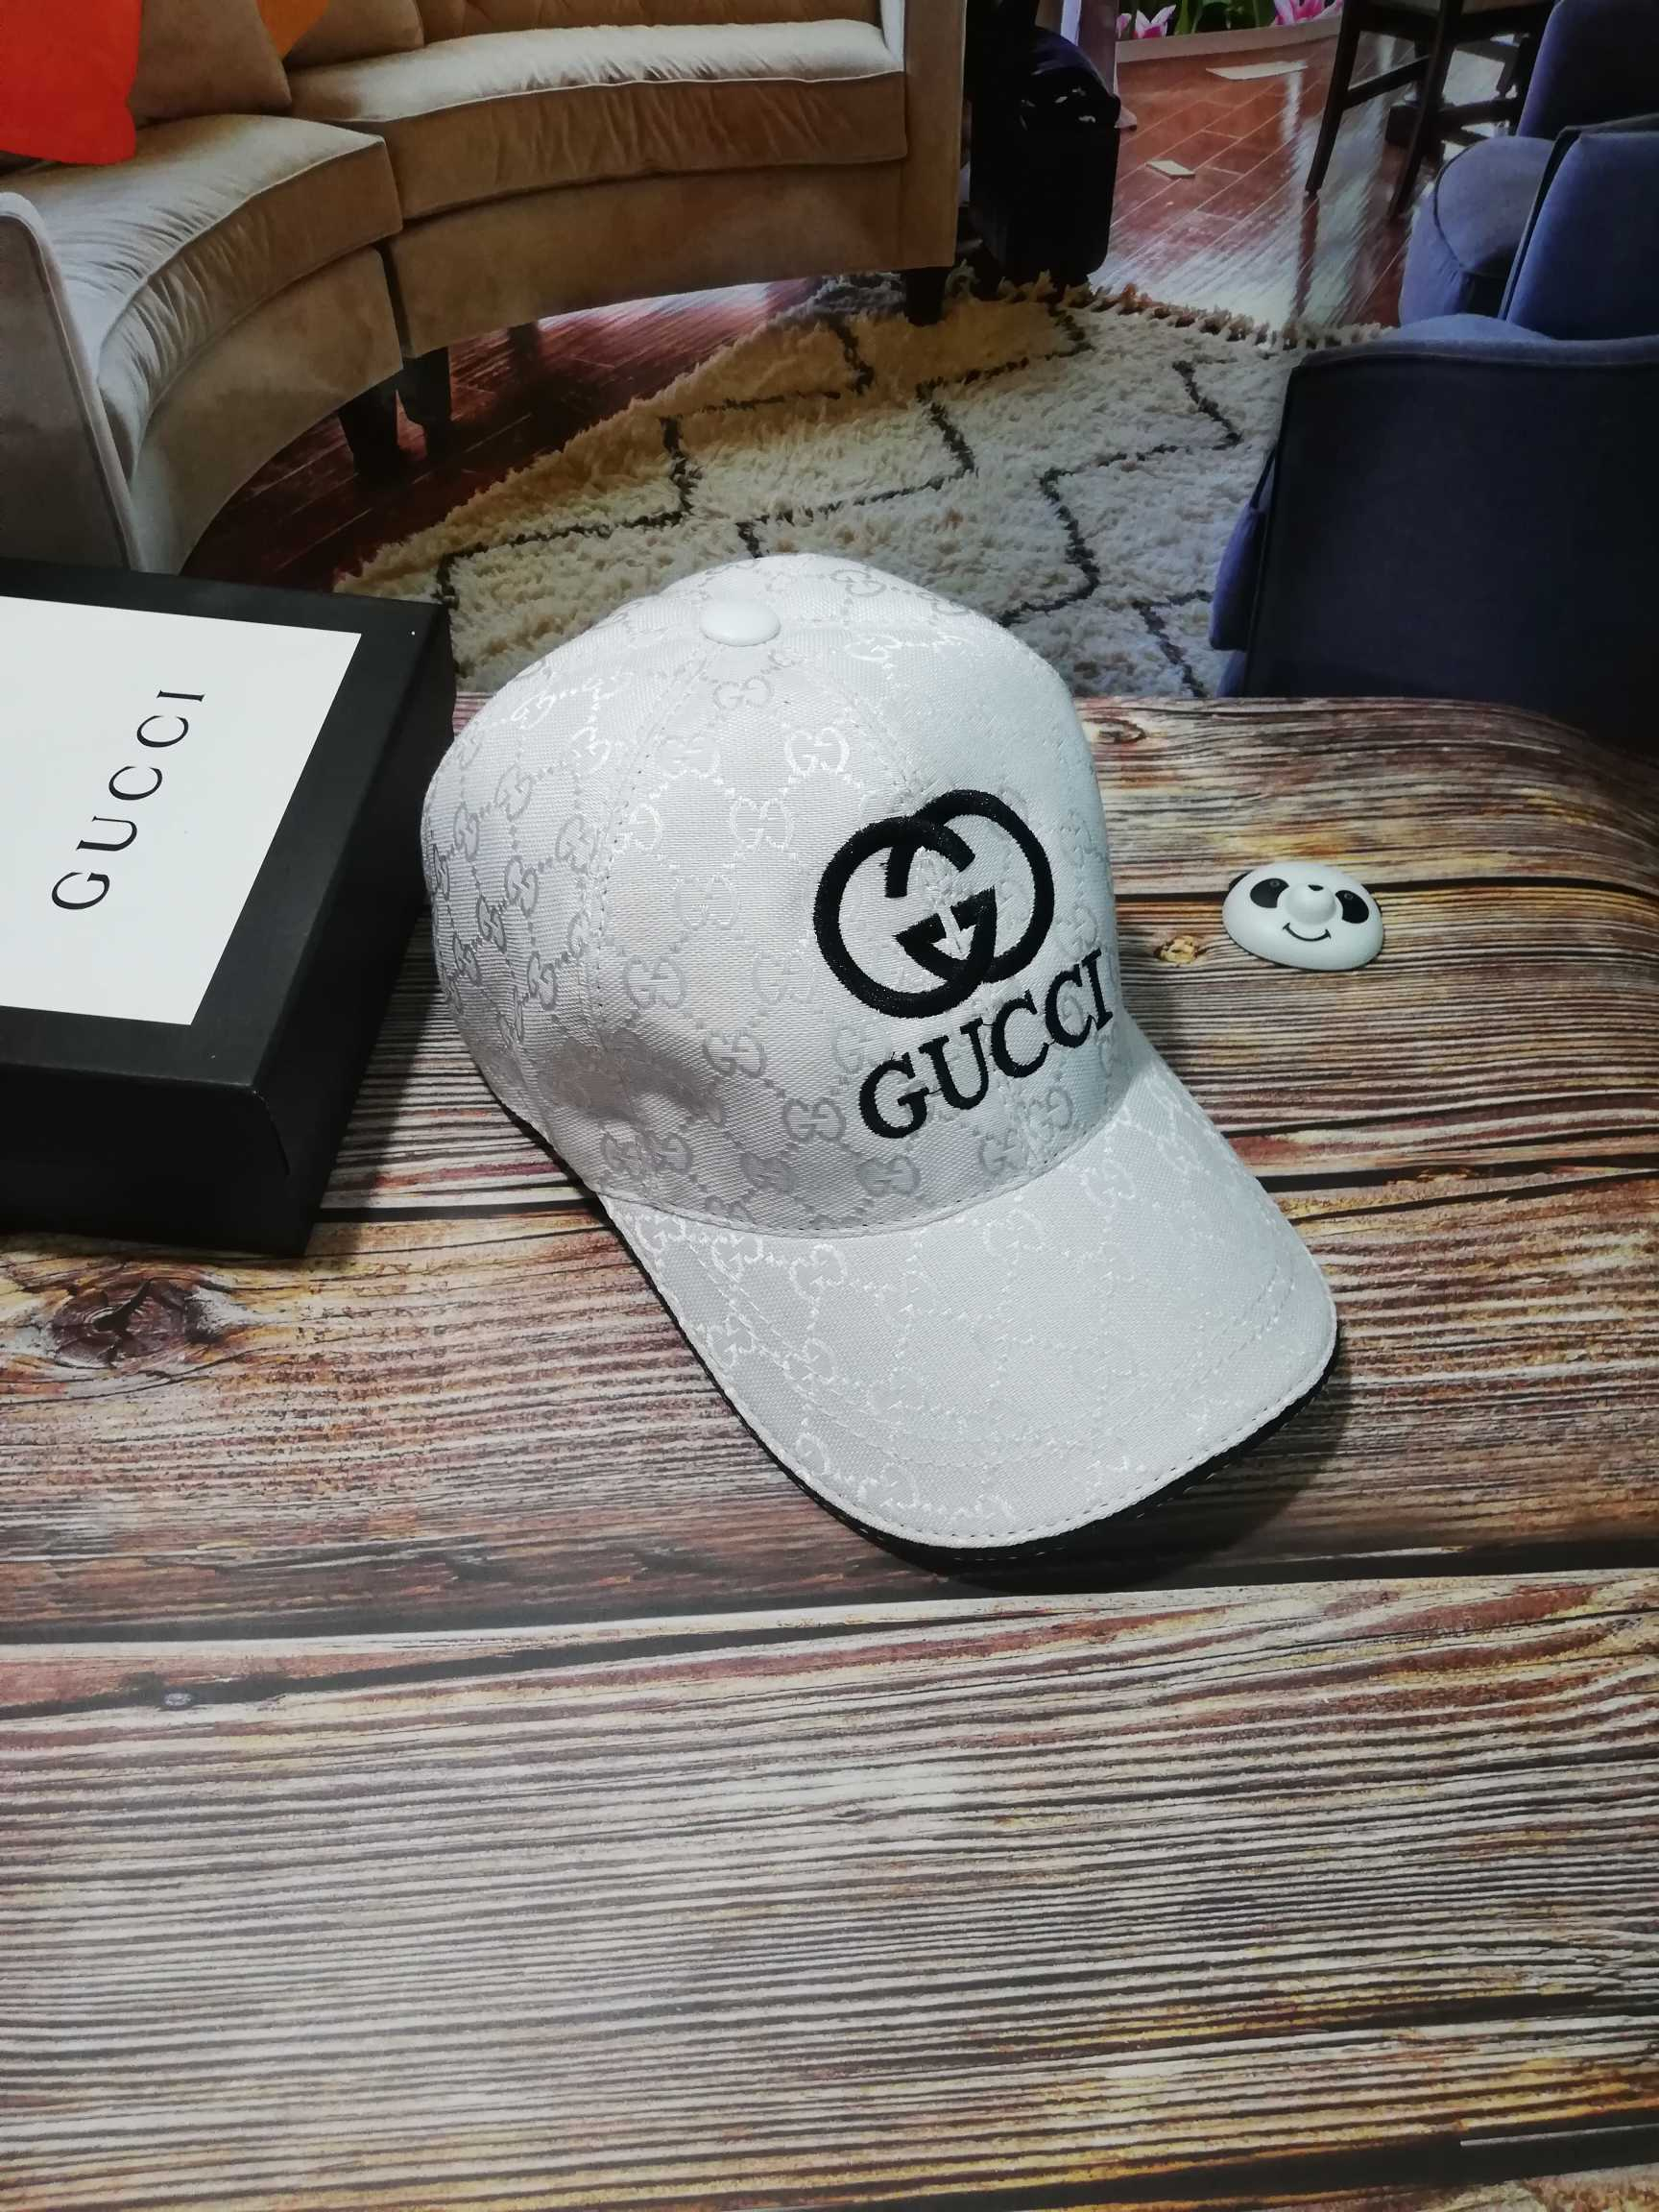 古奇Gucci刺绣高端棒球帽(图2)